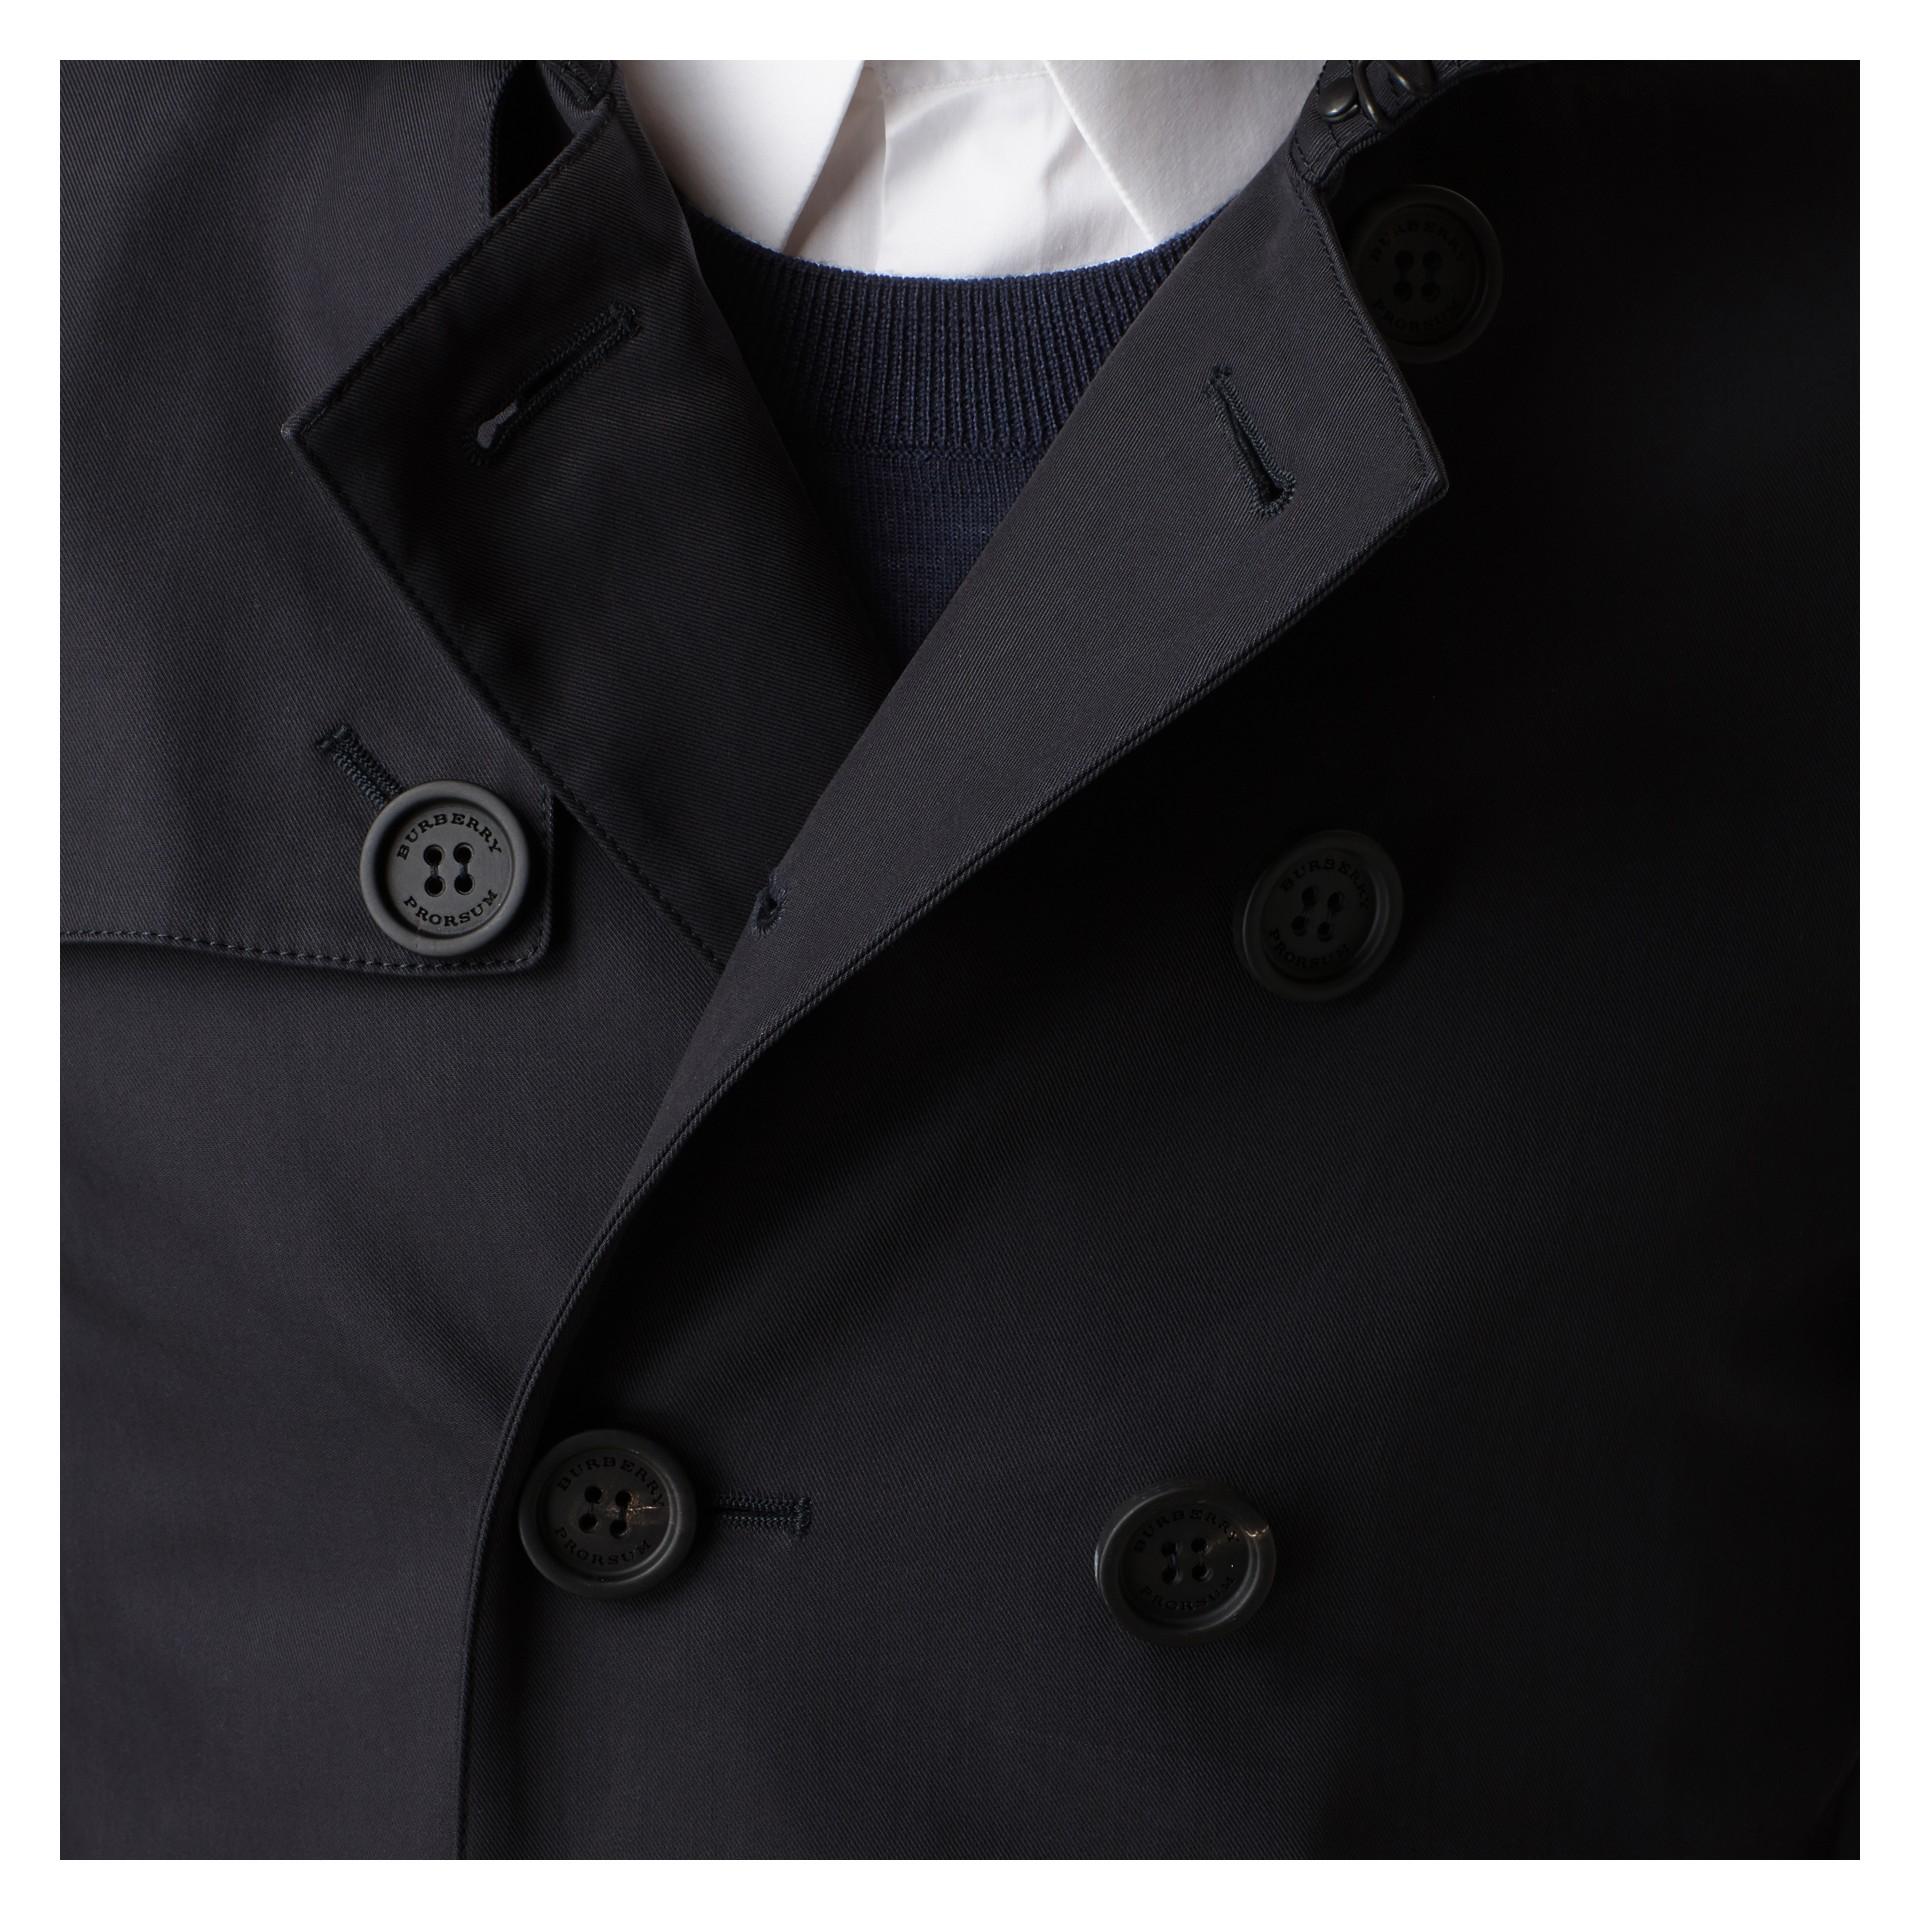 Inchiostro Trench coat corto in gabardine di cotone - immagine della galleria 2